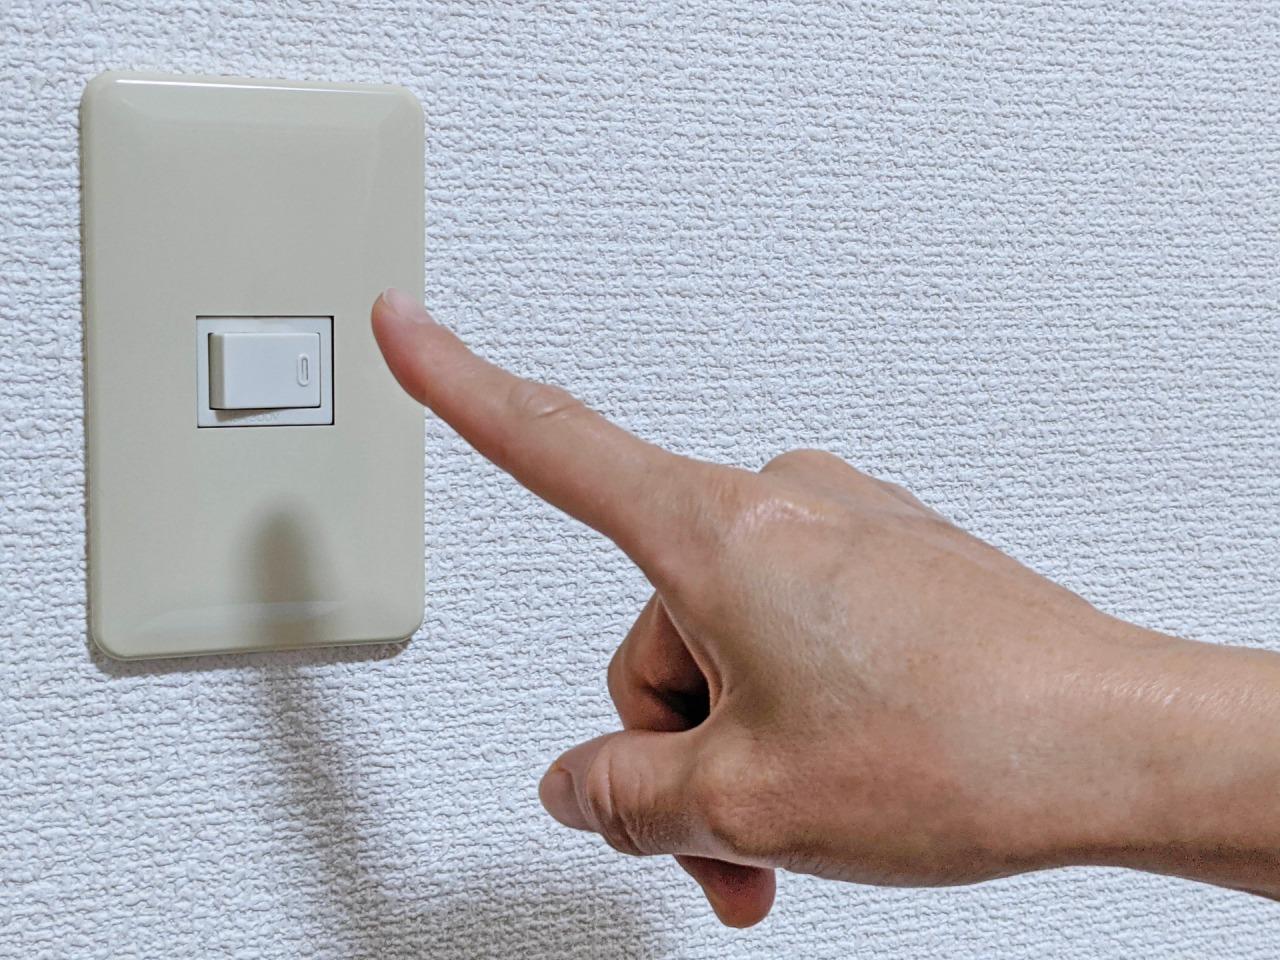 ボタンを押す指